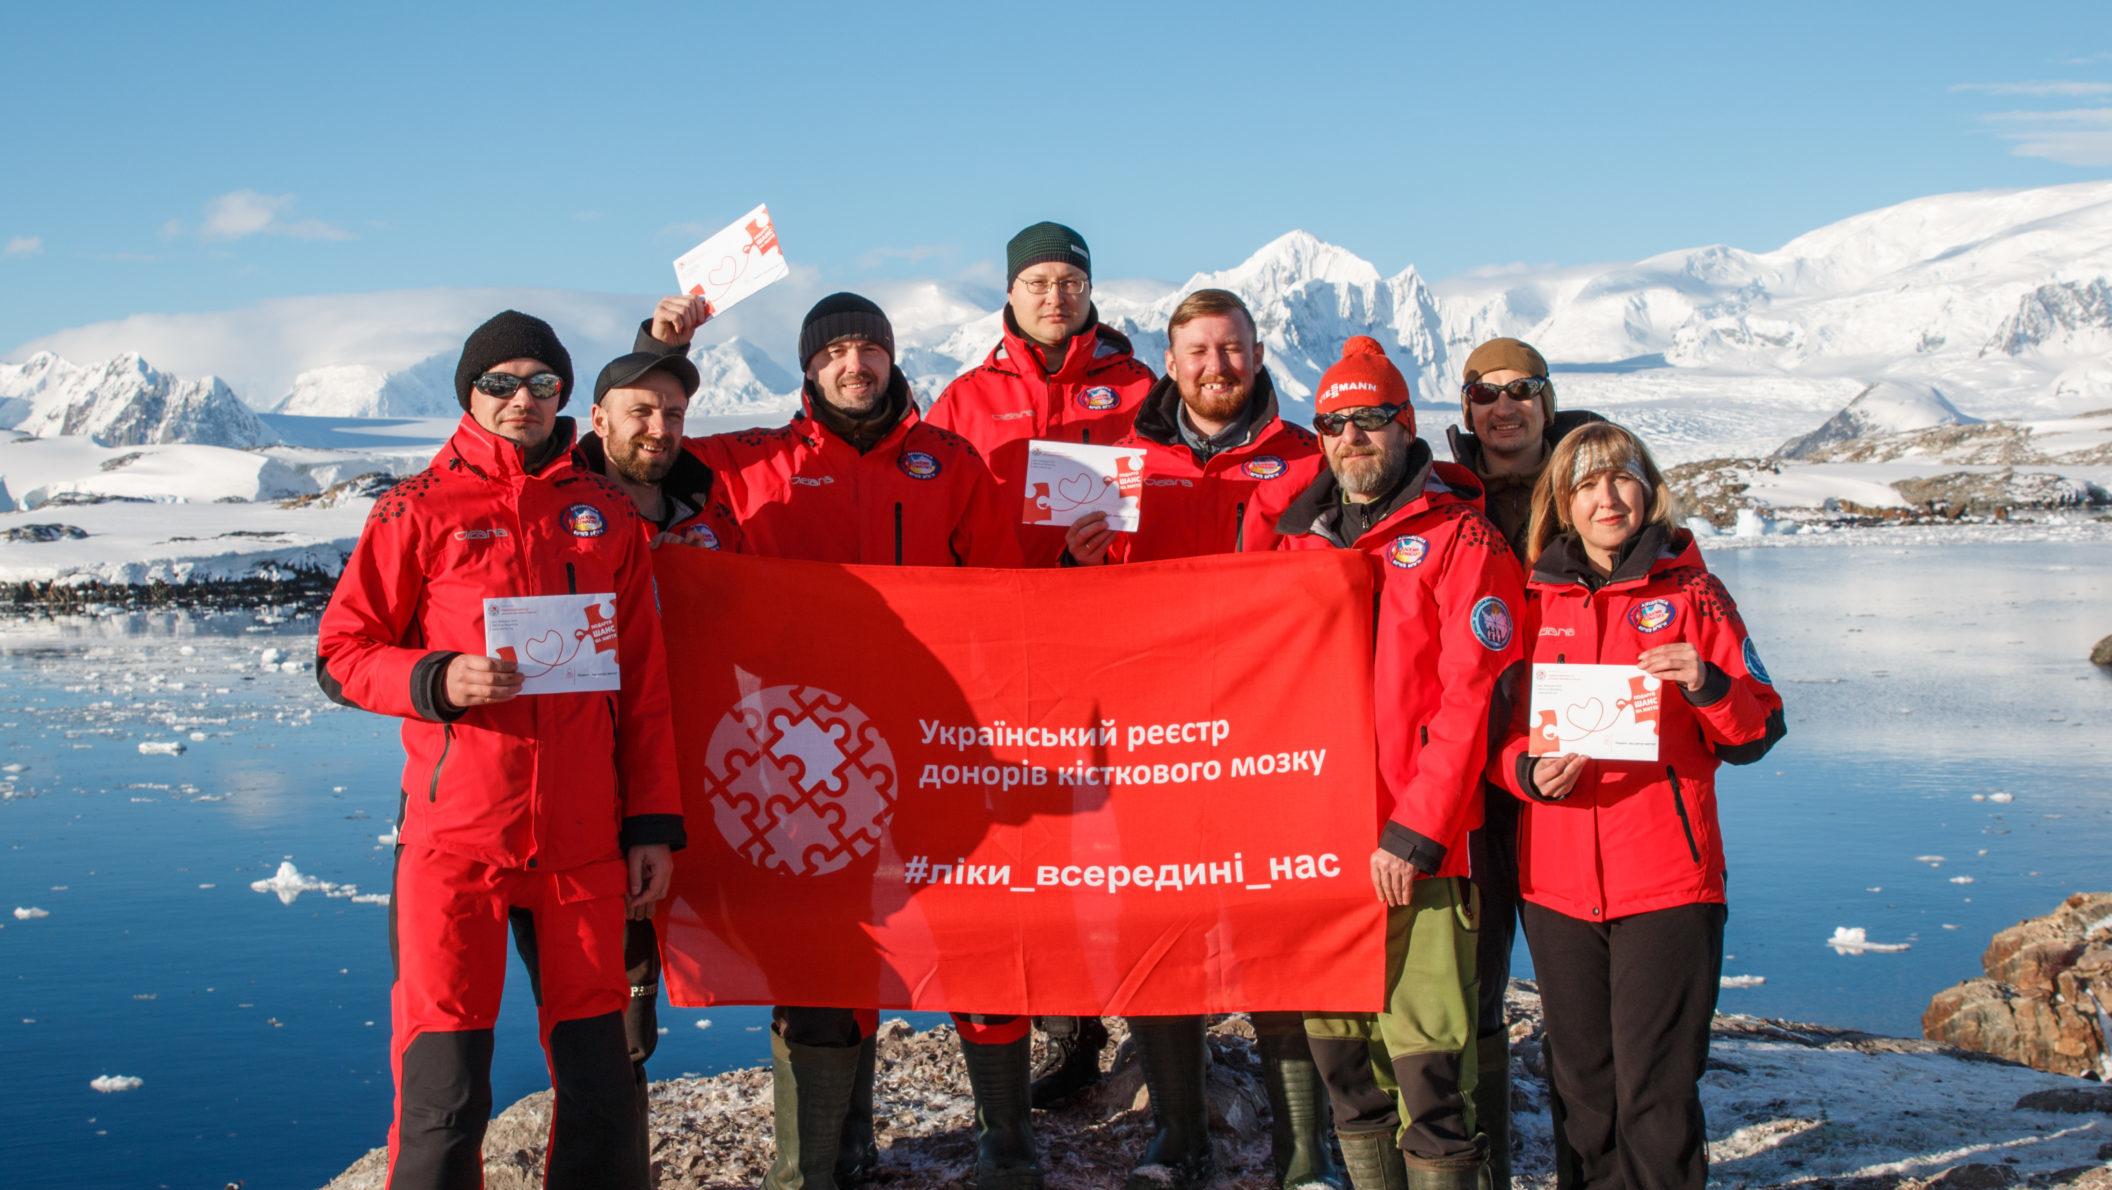 Українські полярники хочуть долучитися до реєстру донорів кісткового мозку